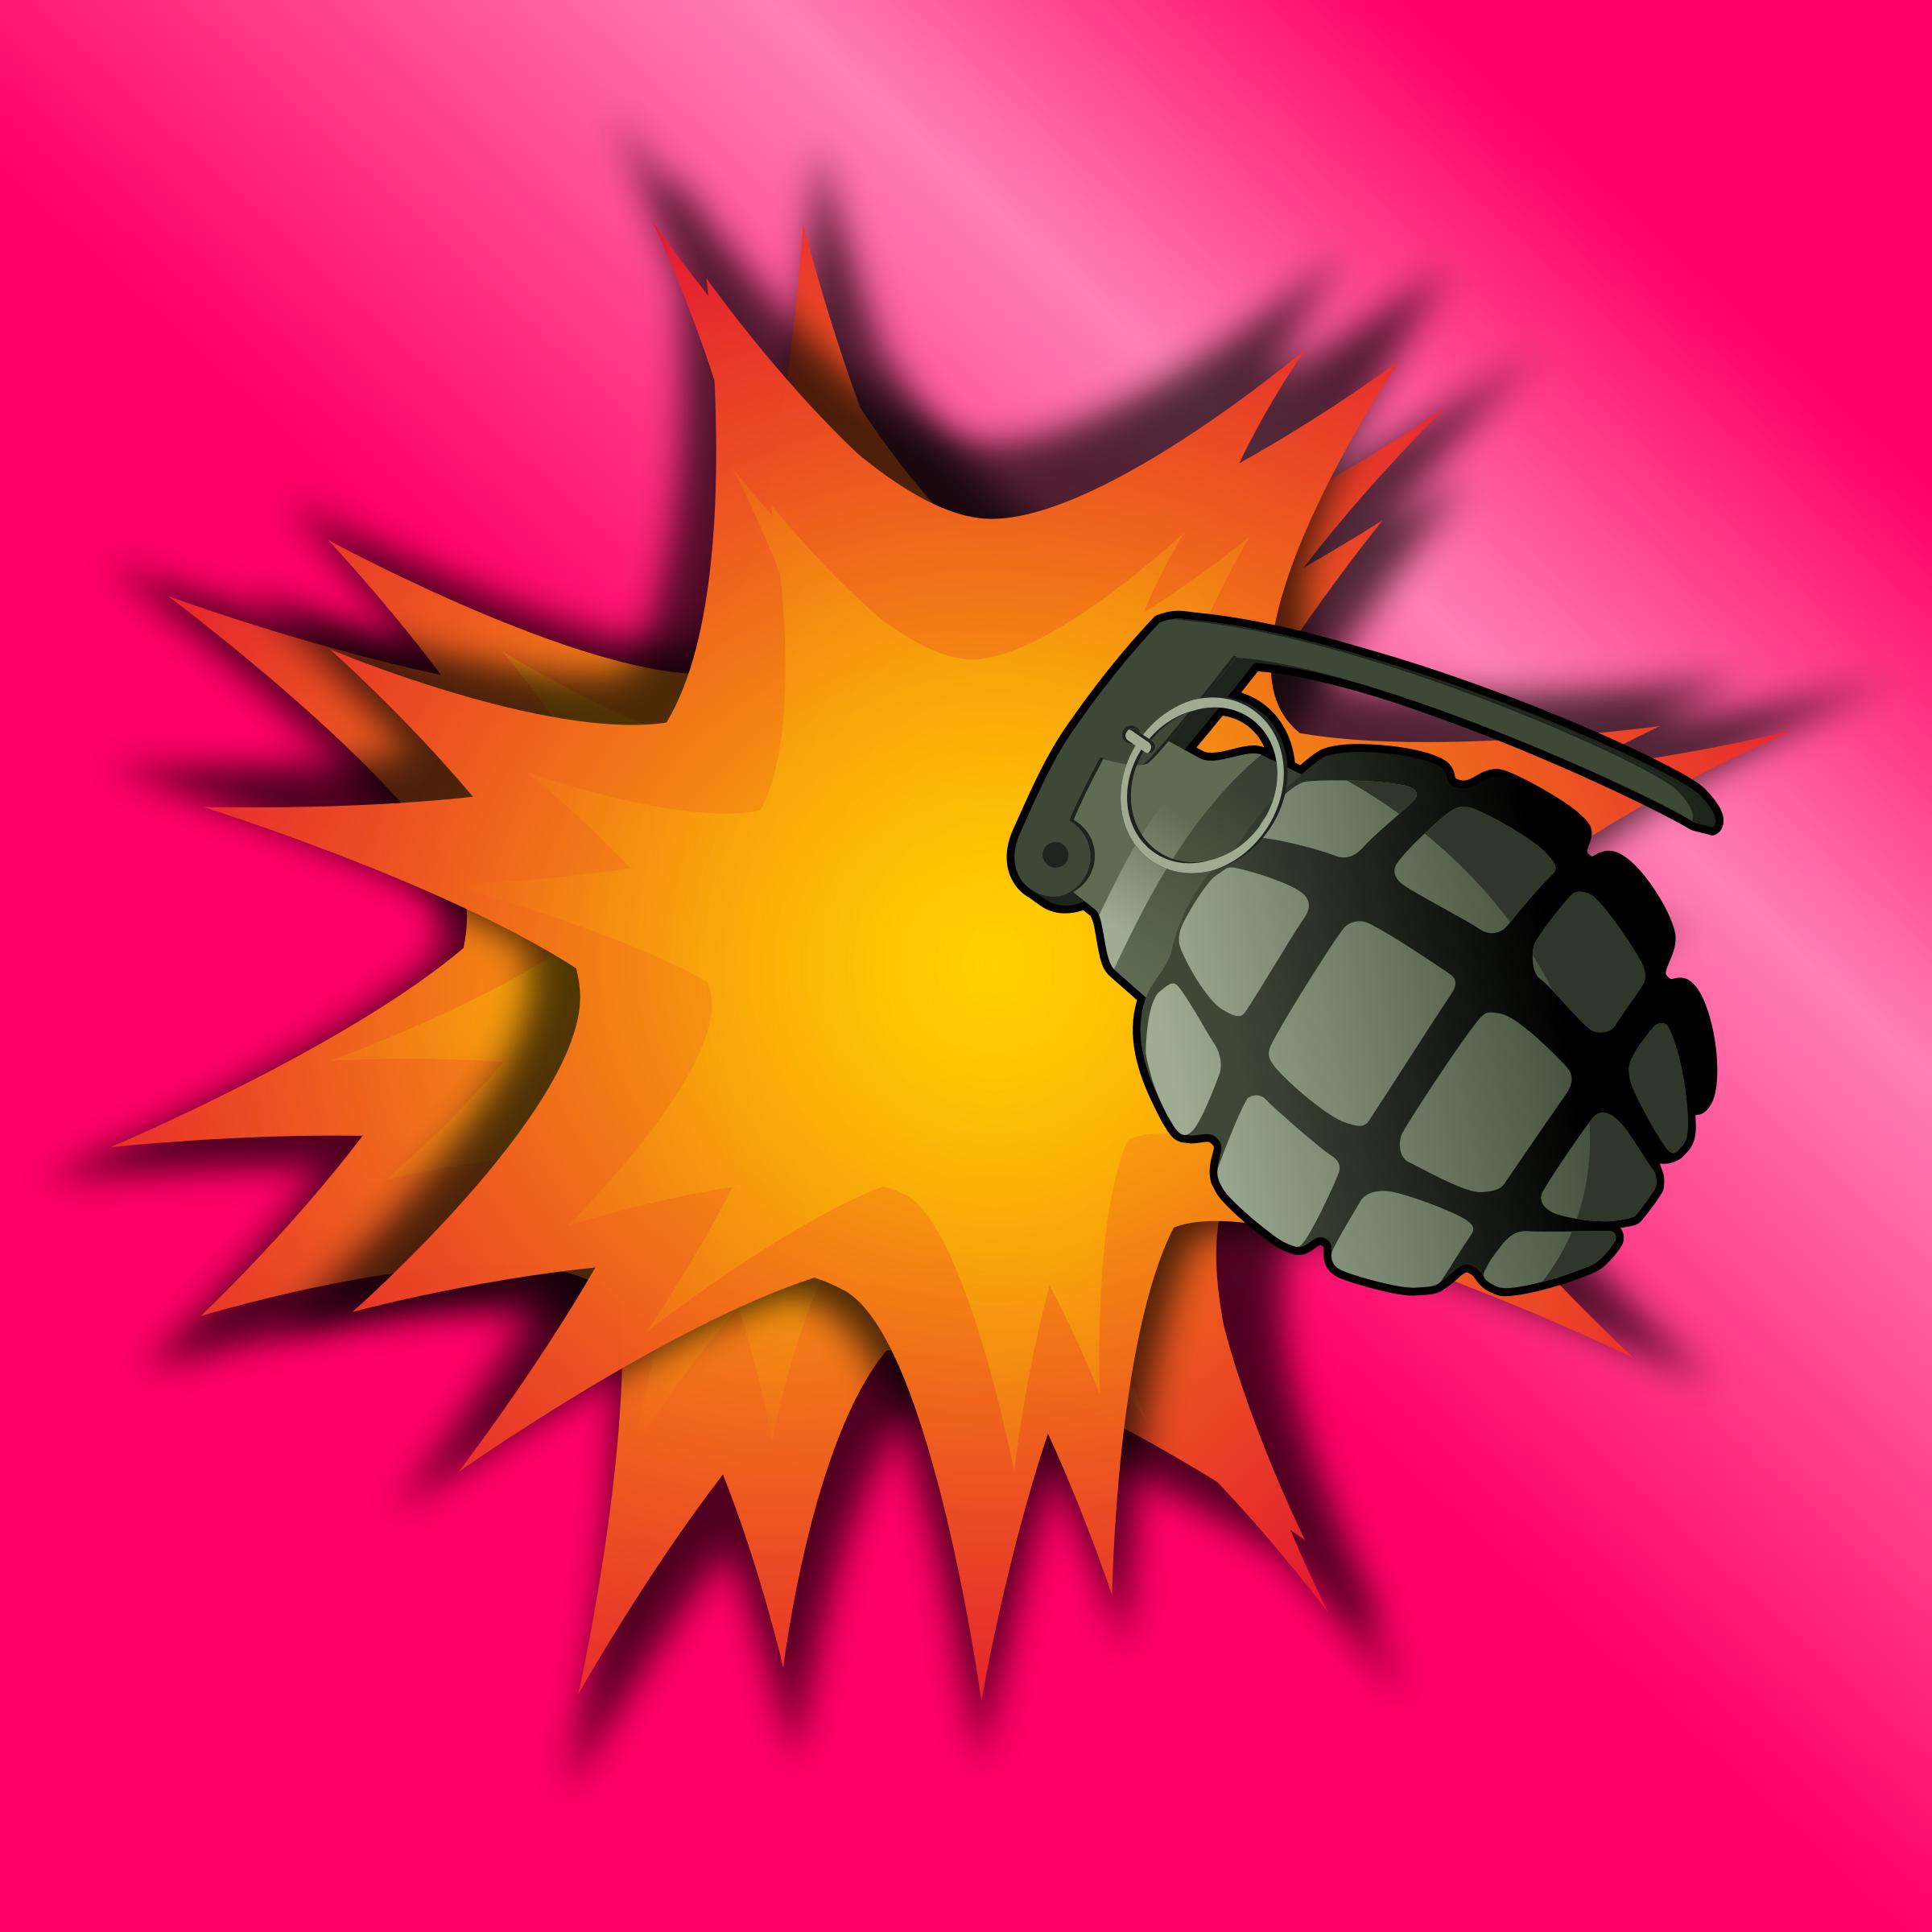 Explosions clipart grenade Explosion Grenade Clipart Explosion Grenade